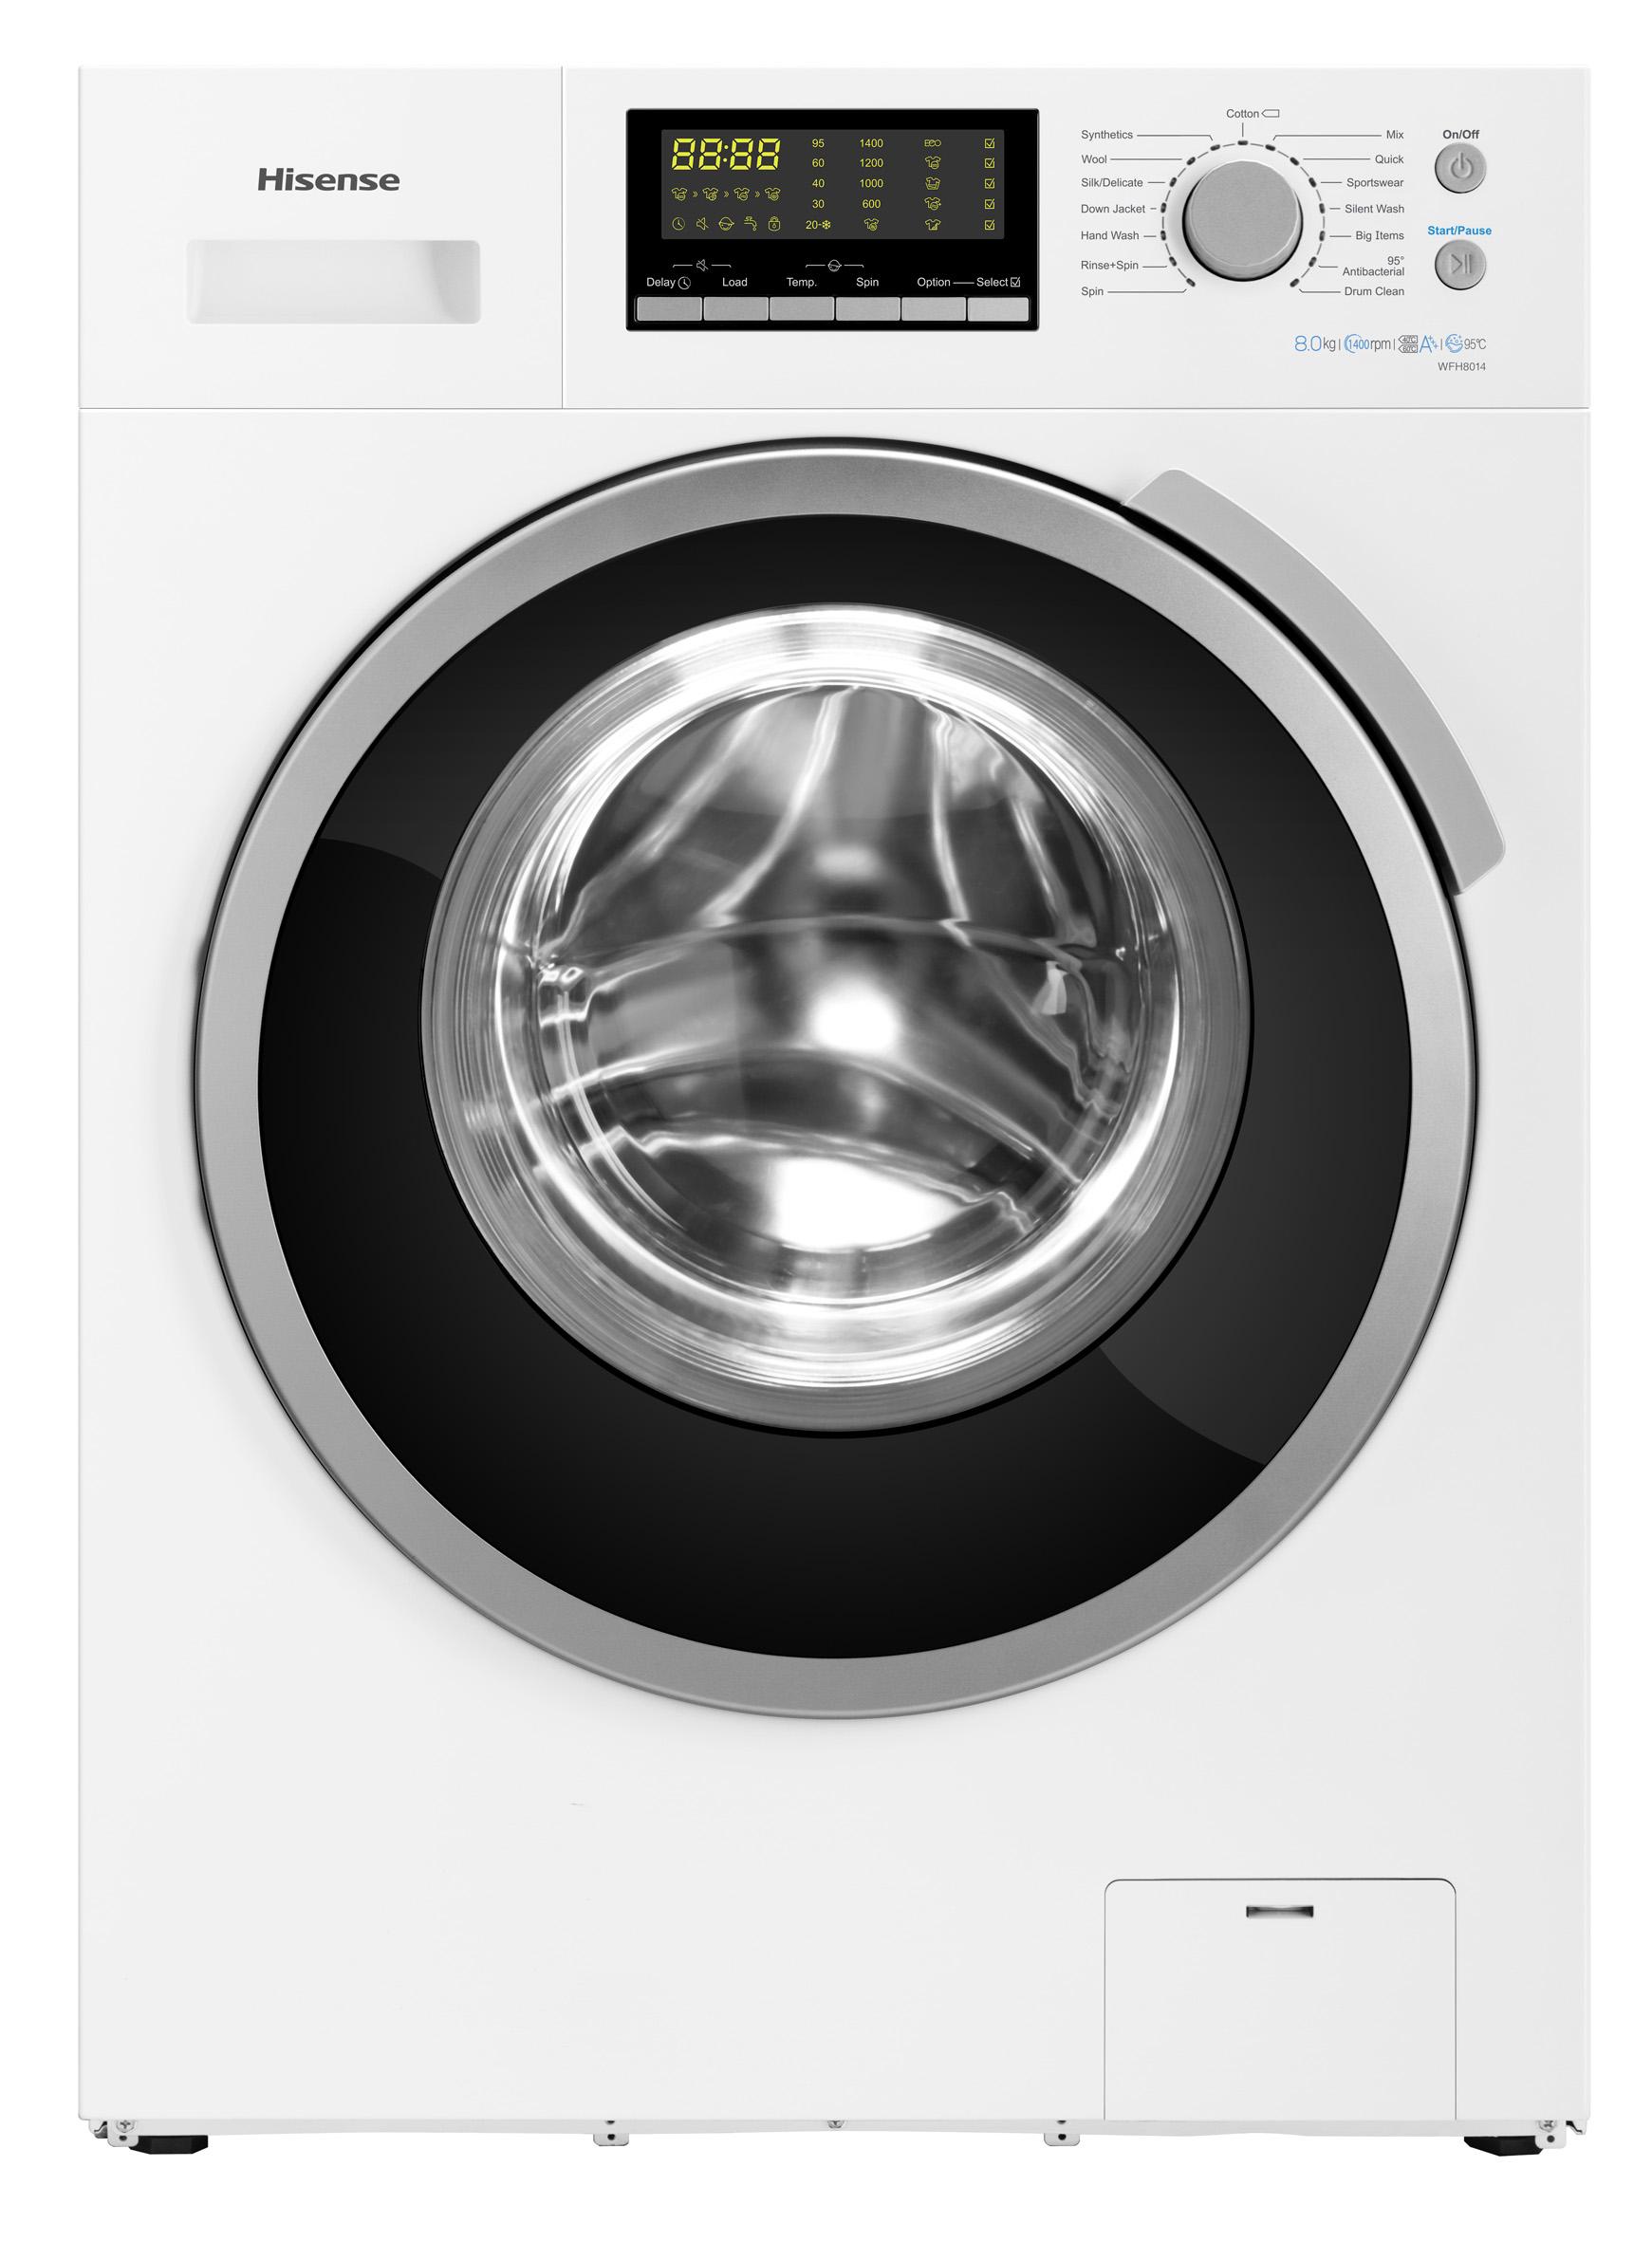 hisense waschmaschine wfh 8014 we mit schneeflocken trommel. Black Bedroom Furniture Sets. Home Design Ideas